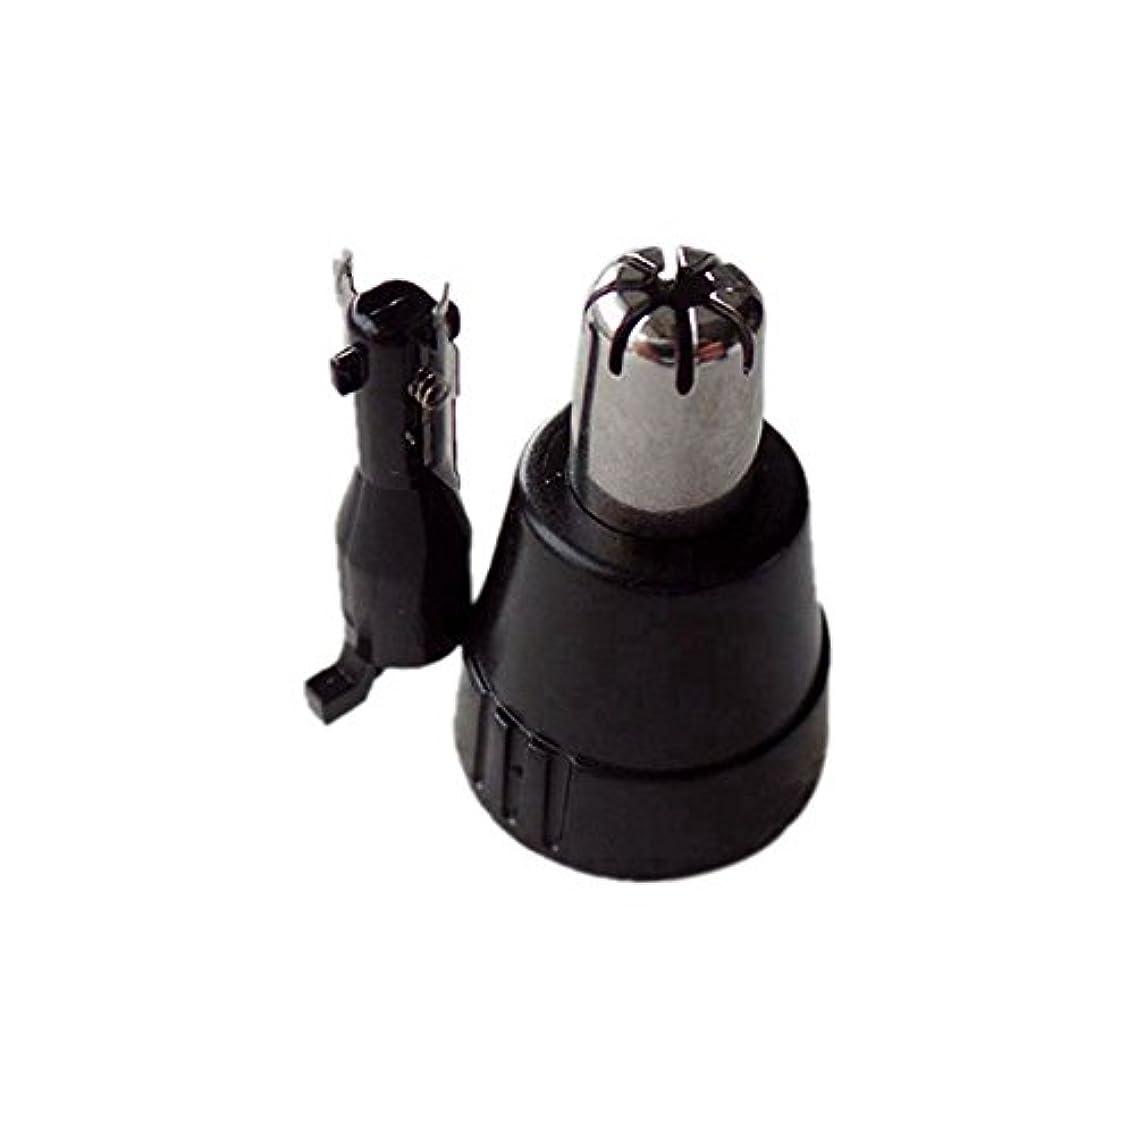 理容室ブラザー不条理Janjunsi 鼻毛カッター部品 交換用 パーツ 内刃 外刃 替刃 耐用 for Panasonic 鼻毛カッター ER-GN30/-GN10